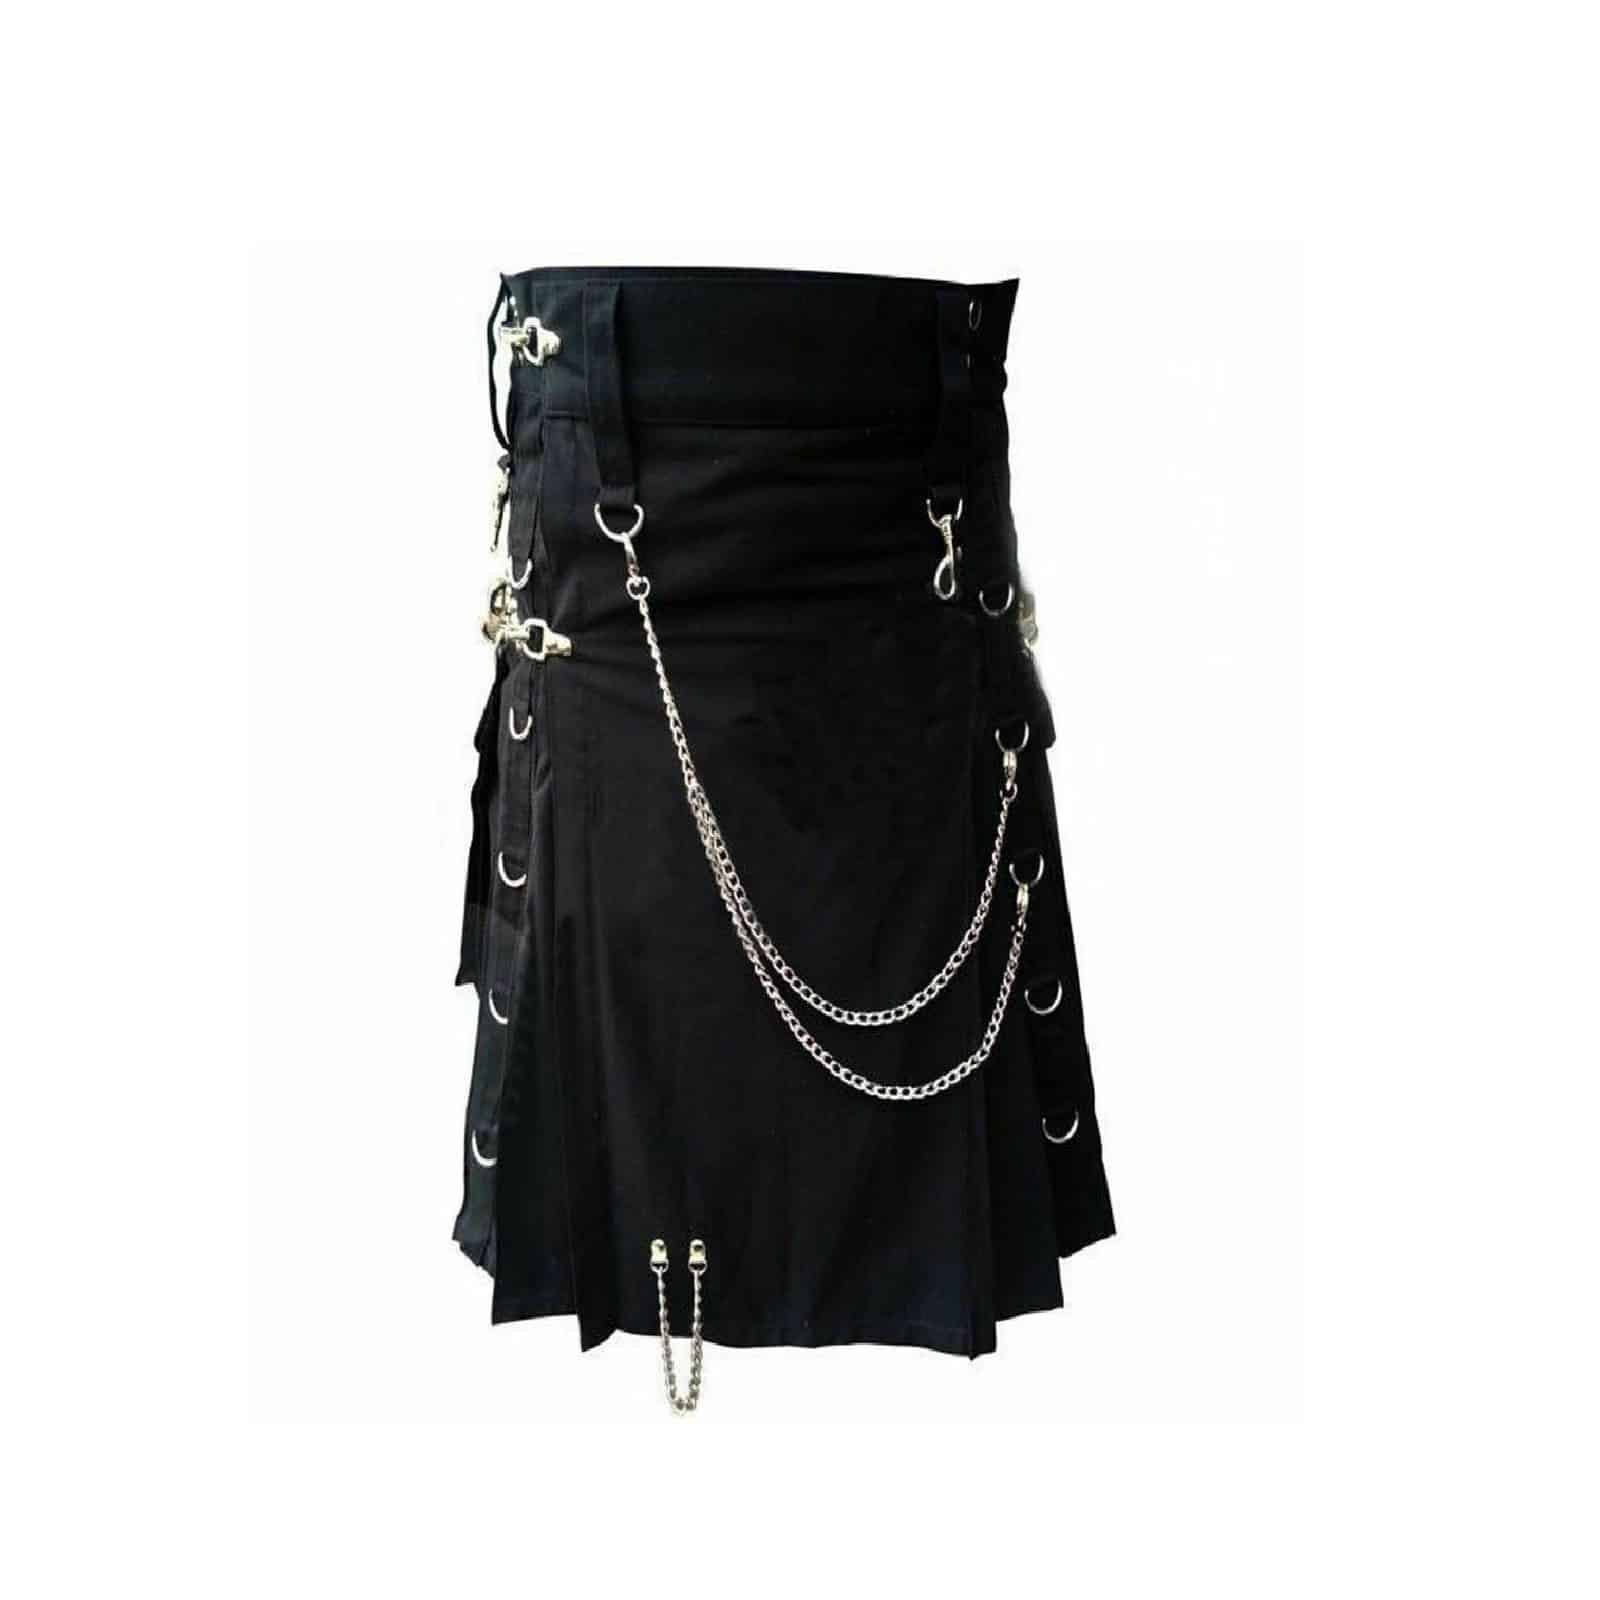 AK New Men Scottish Black Gothic Utility Kilt Goth Kilt Punk Kilt 100/% Cotton